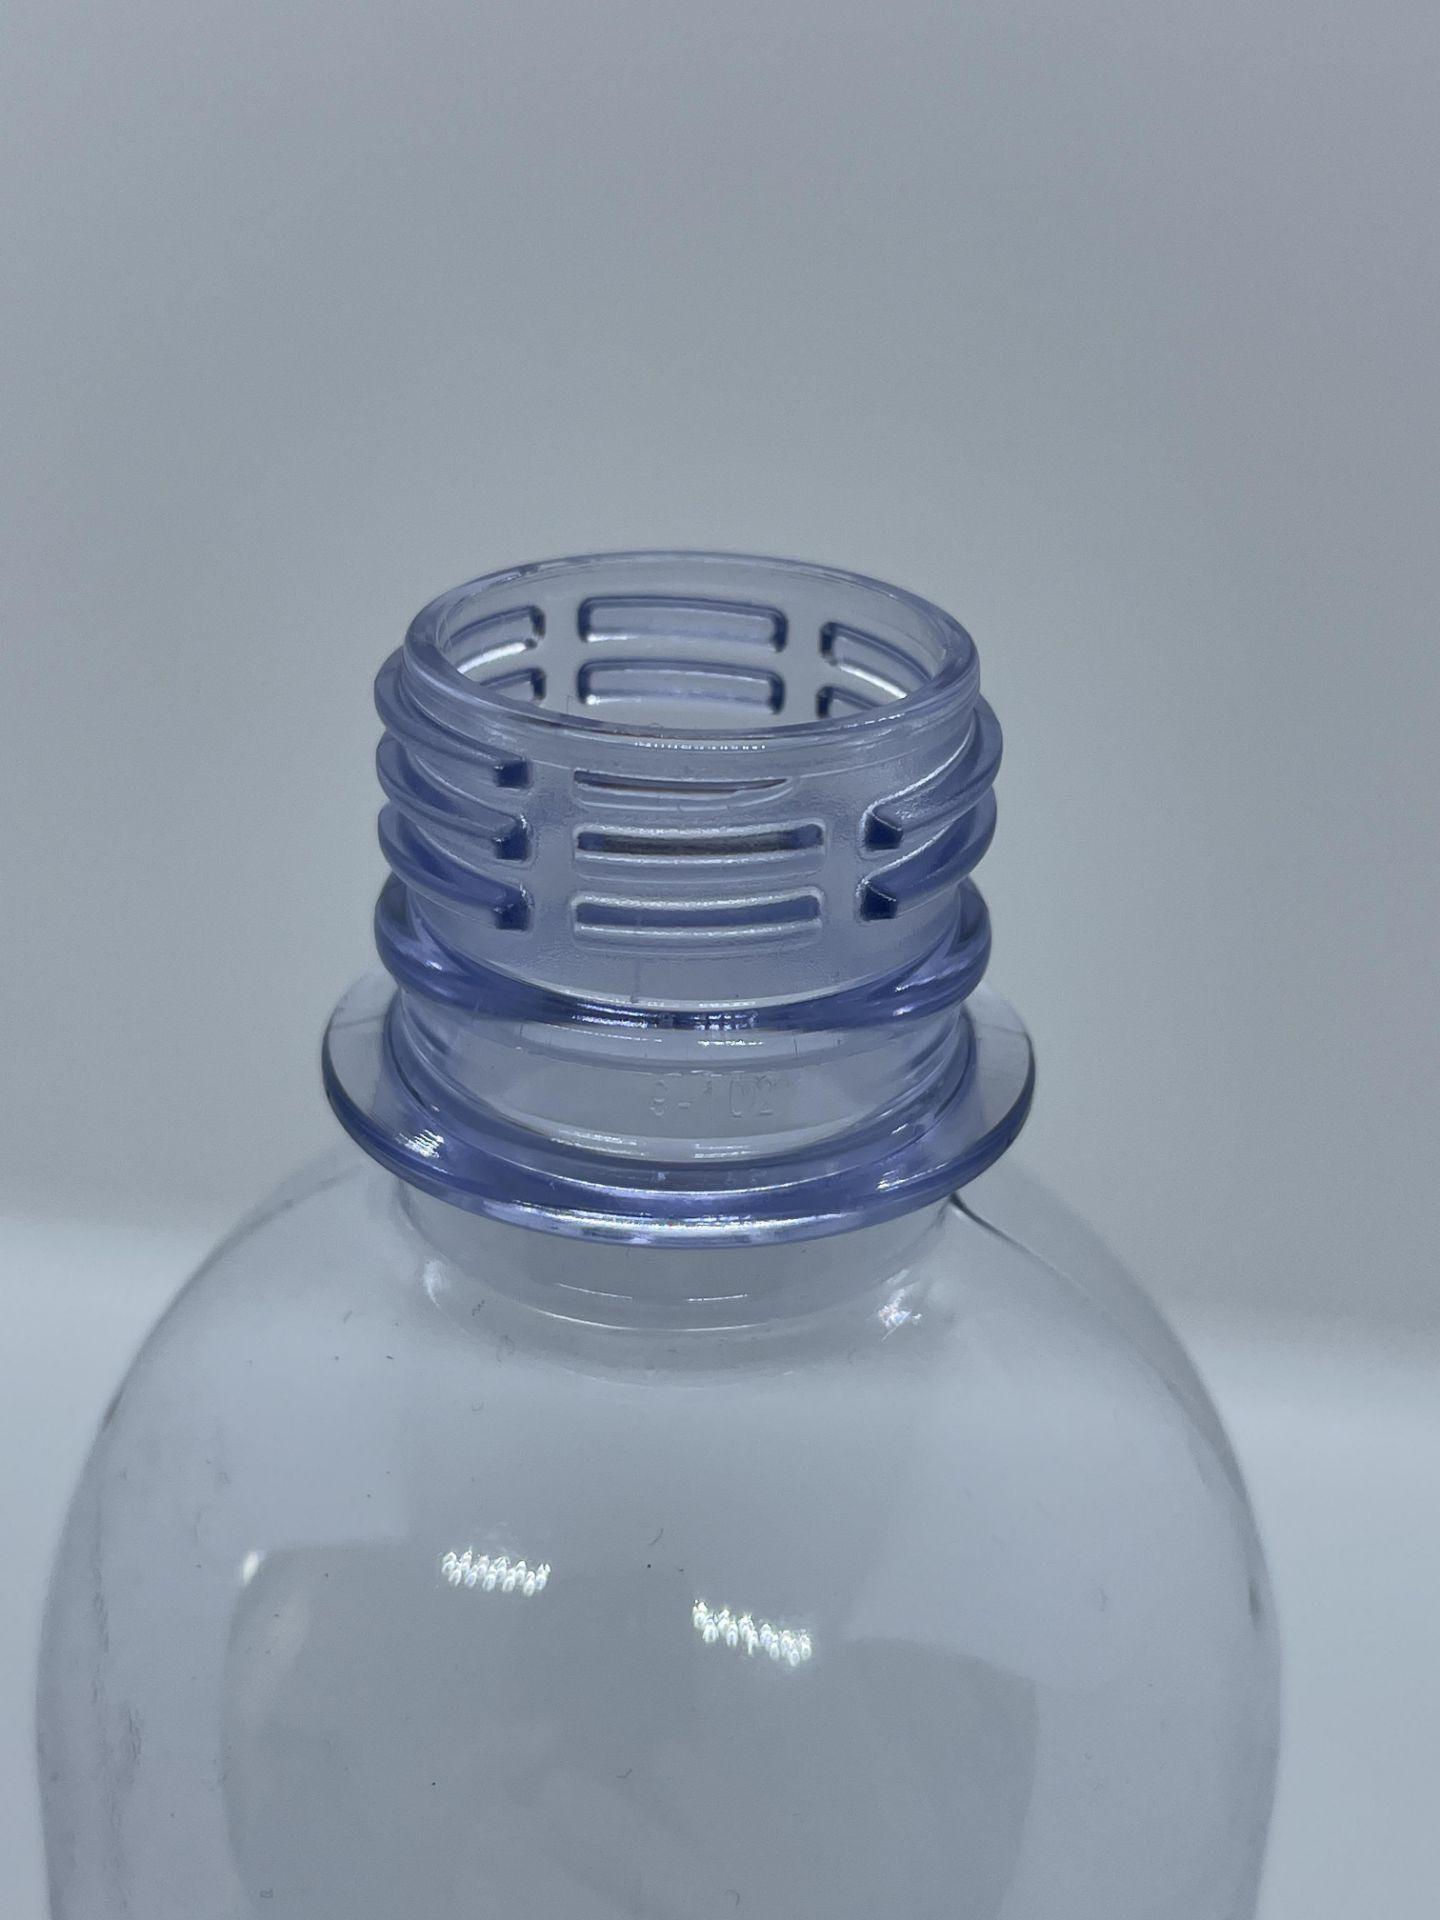 """30,000 - 16 oz Empty Bullet Plastic Bottles, Neck Threading 28-410, 8"""" Tall, 2.5"""" Diameter - Image 7 of 8"""